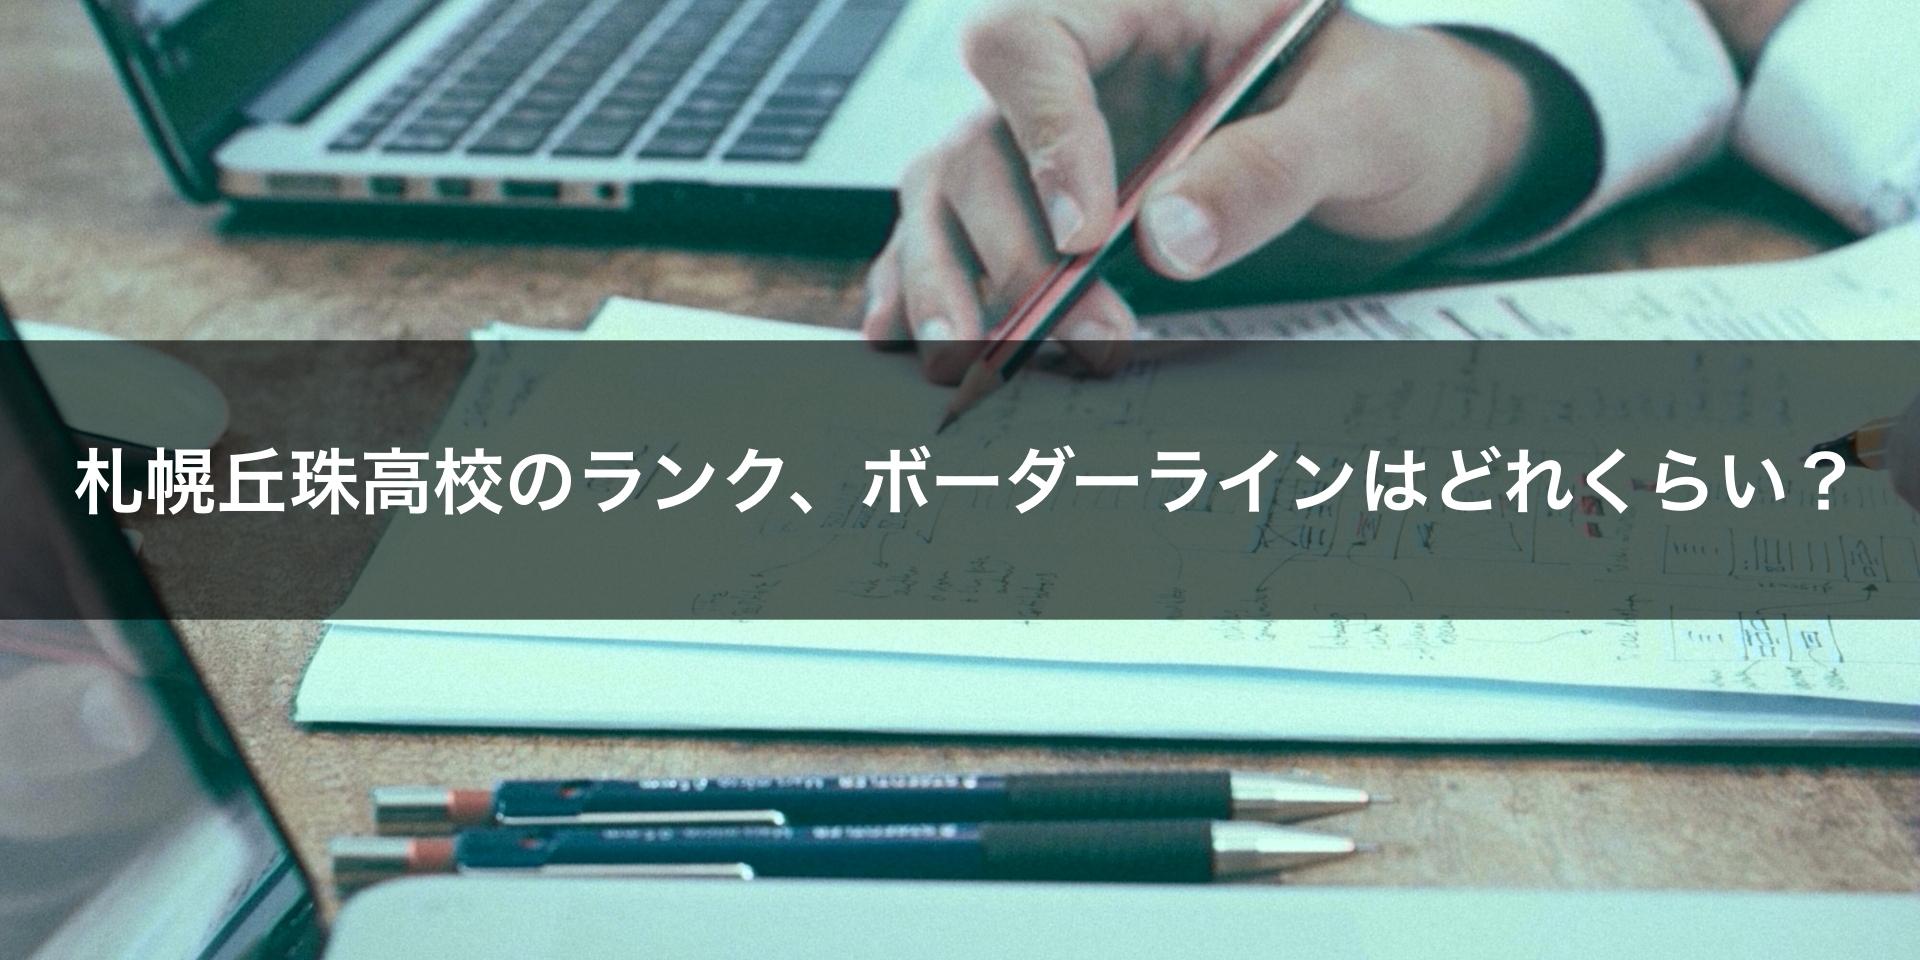 札幌丘珠高校のランク、ボーダーラインはどれくらい?